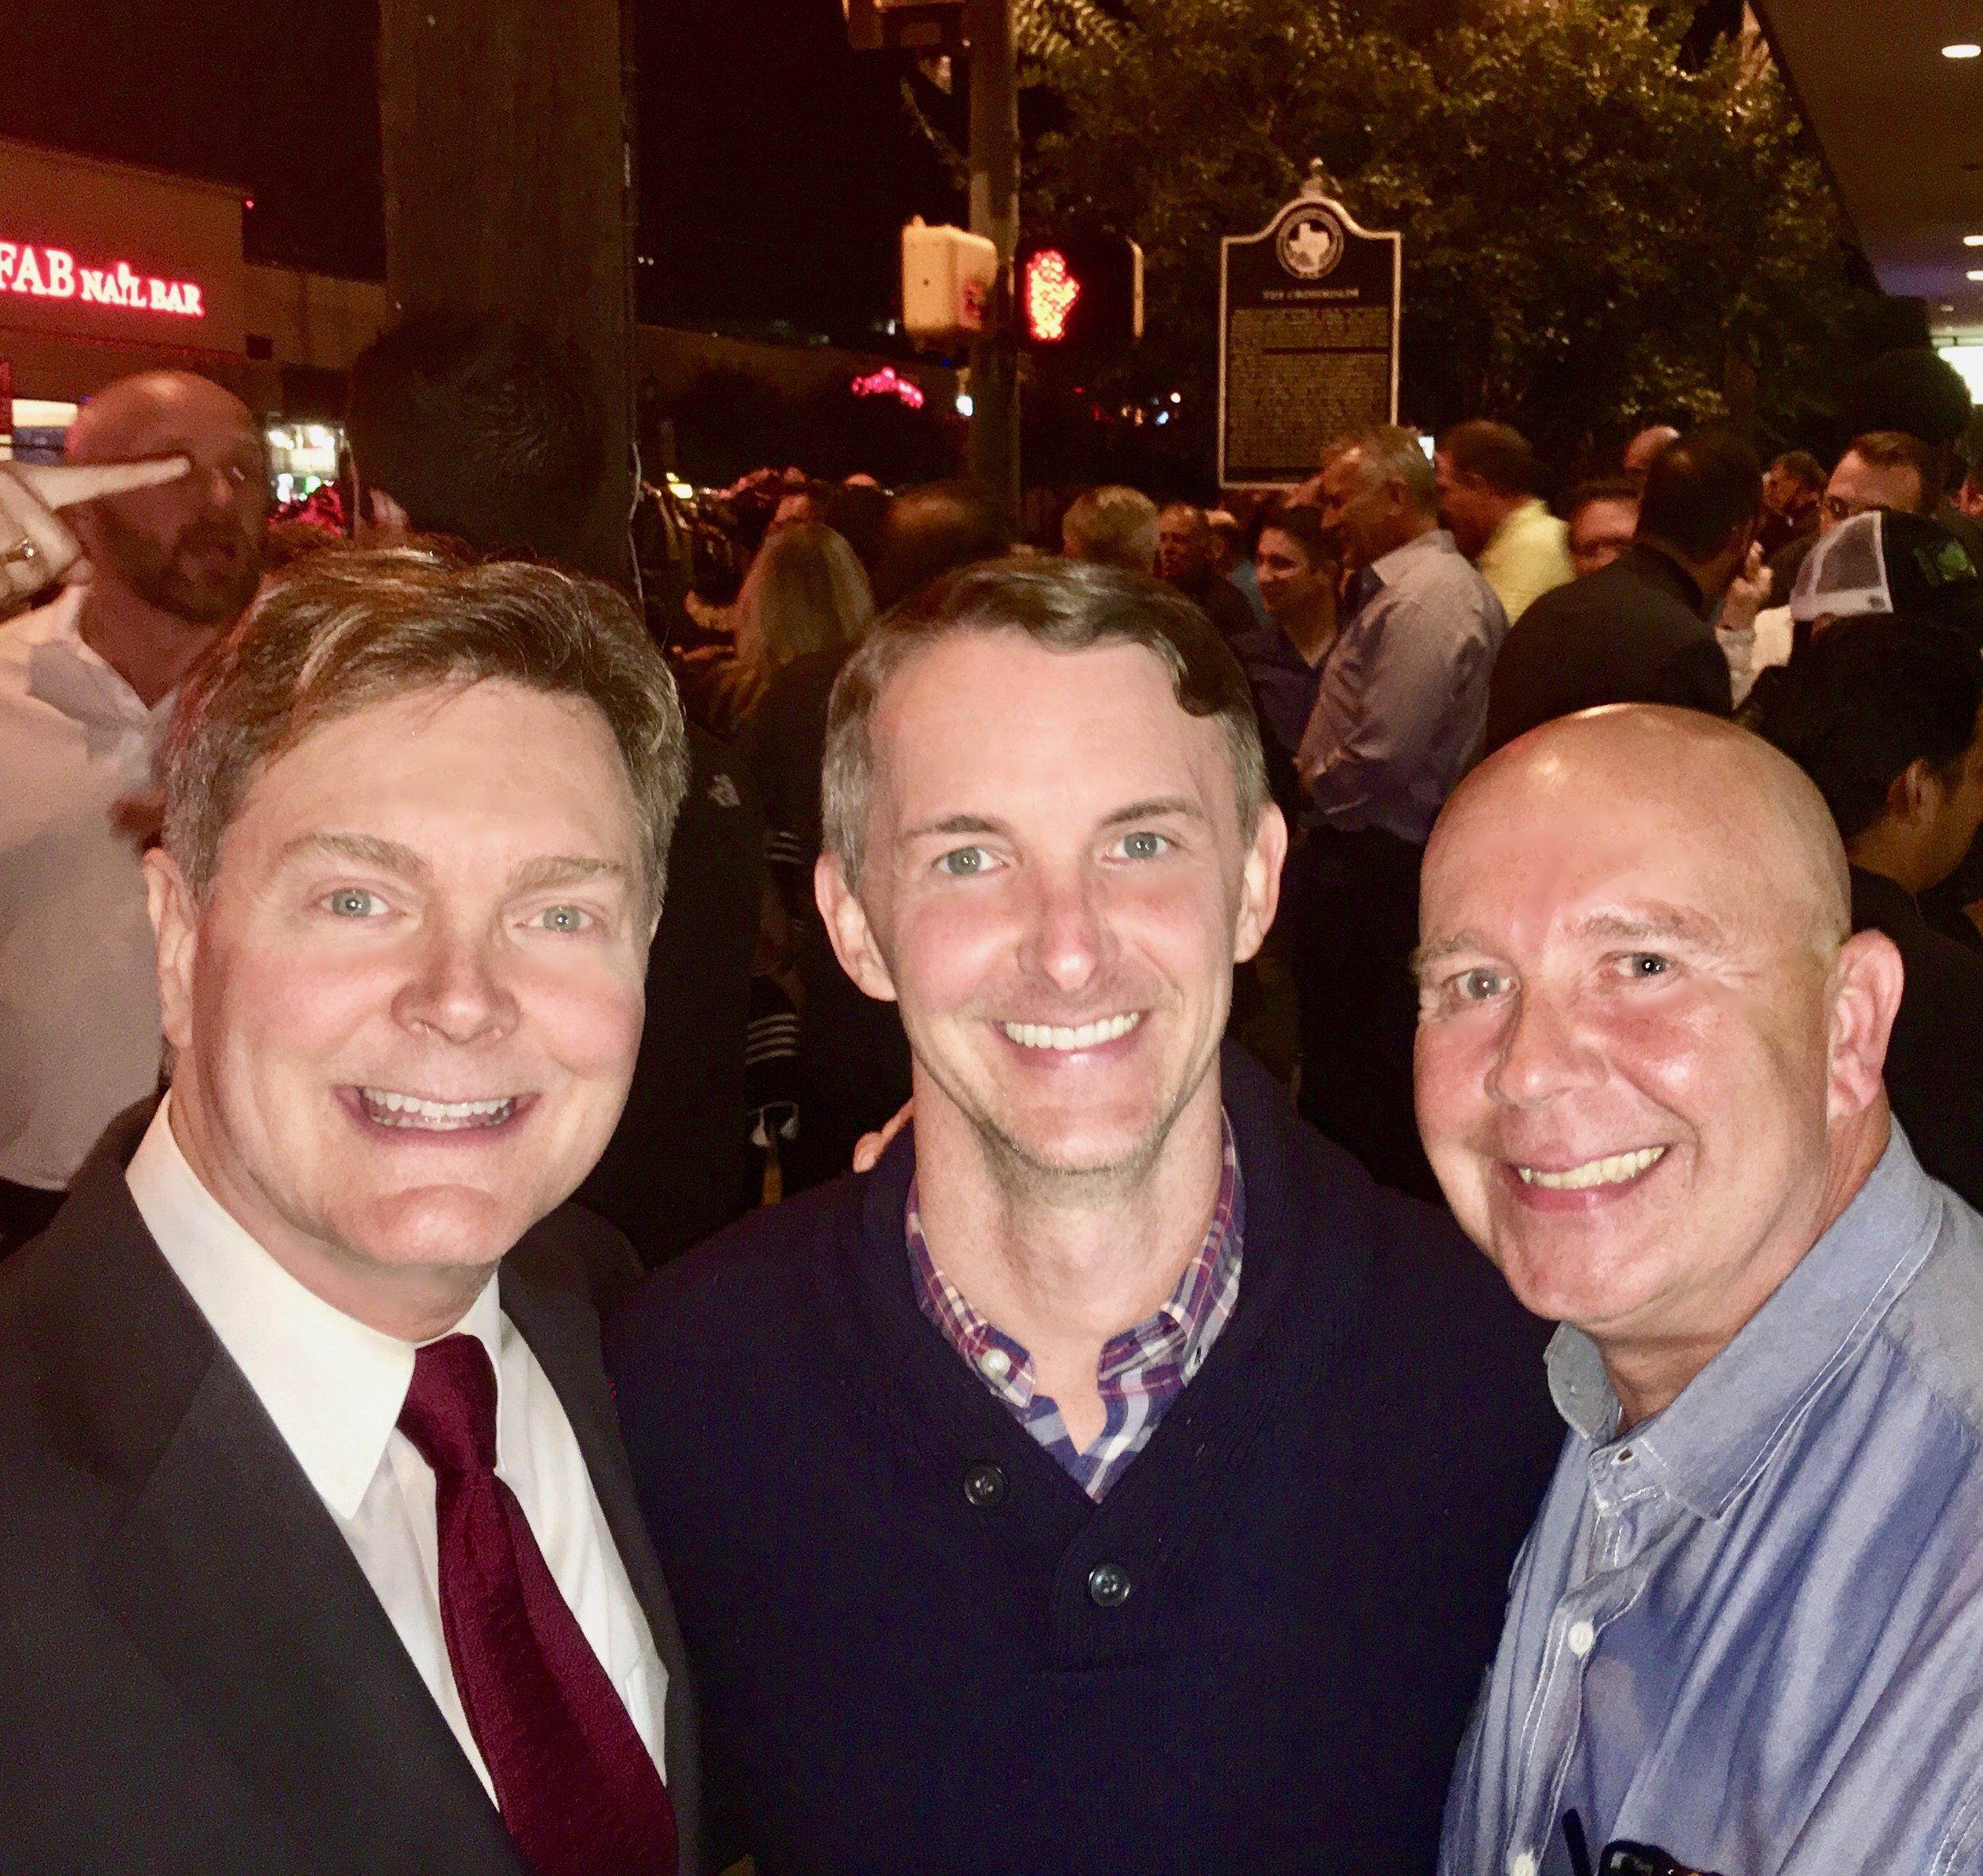 Robert Emery, Mark Doty, and Sam Childers